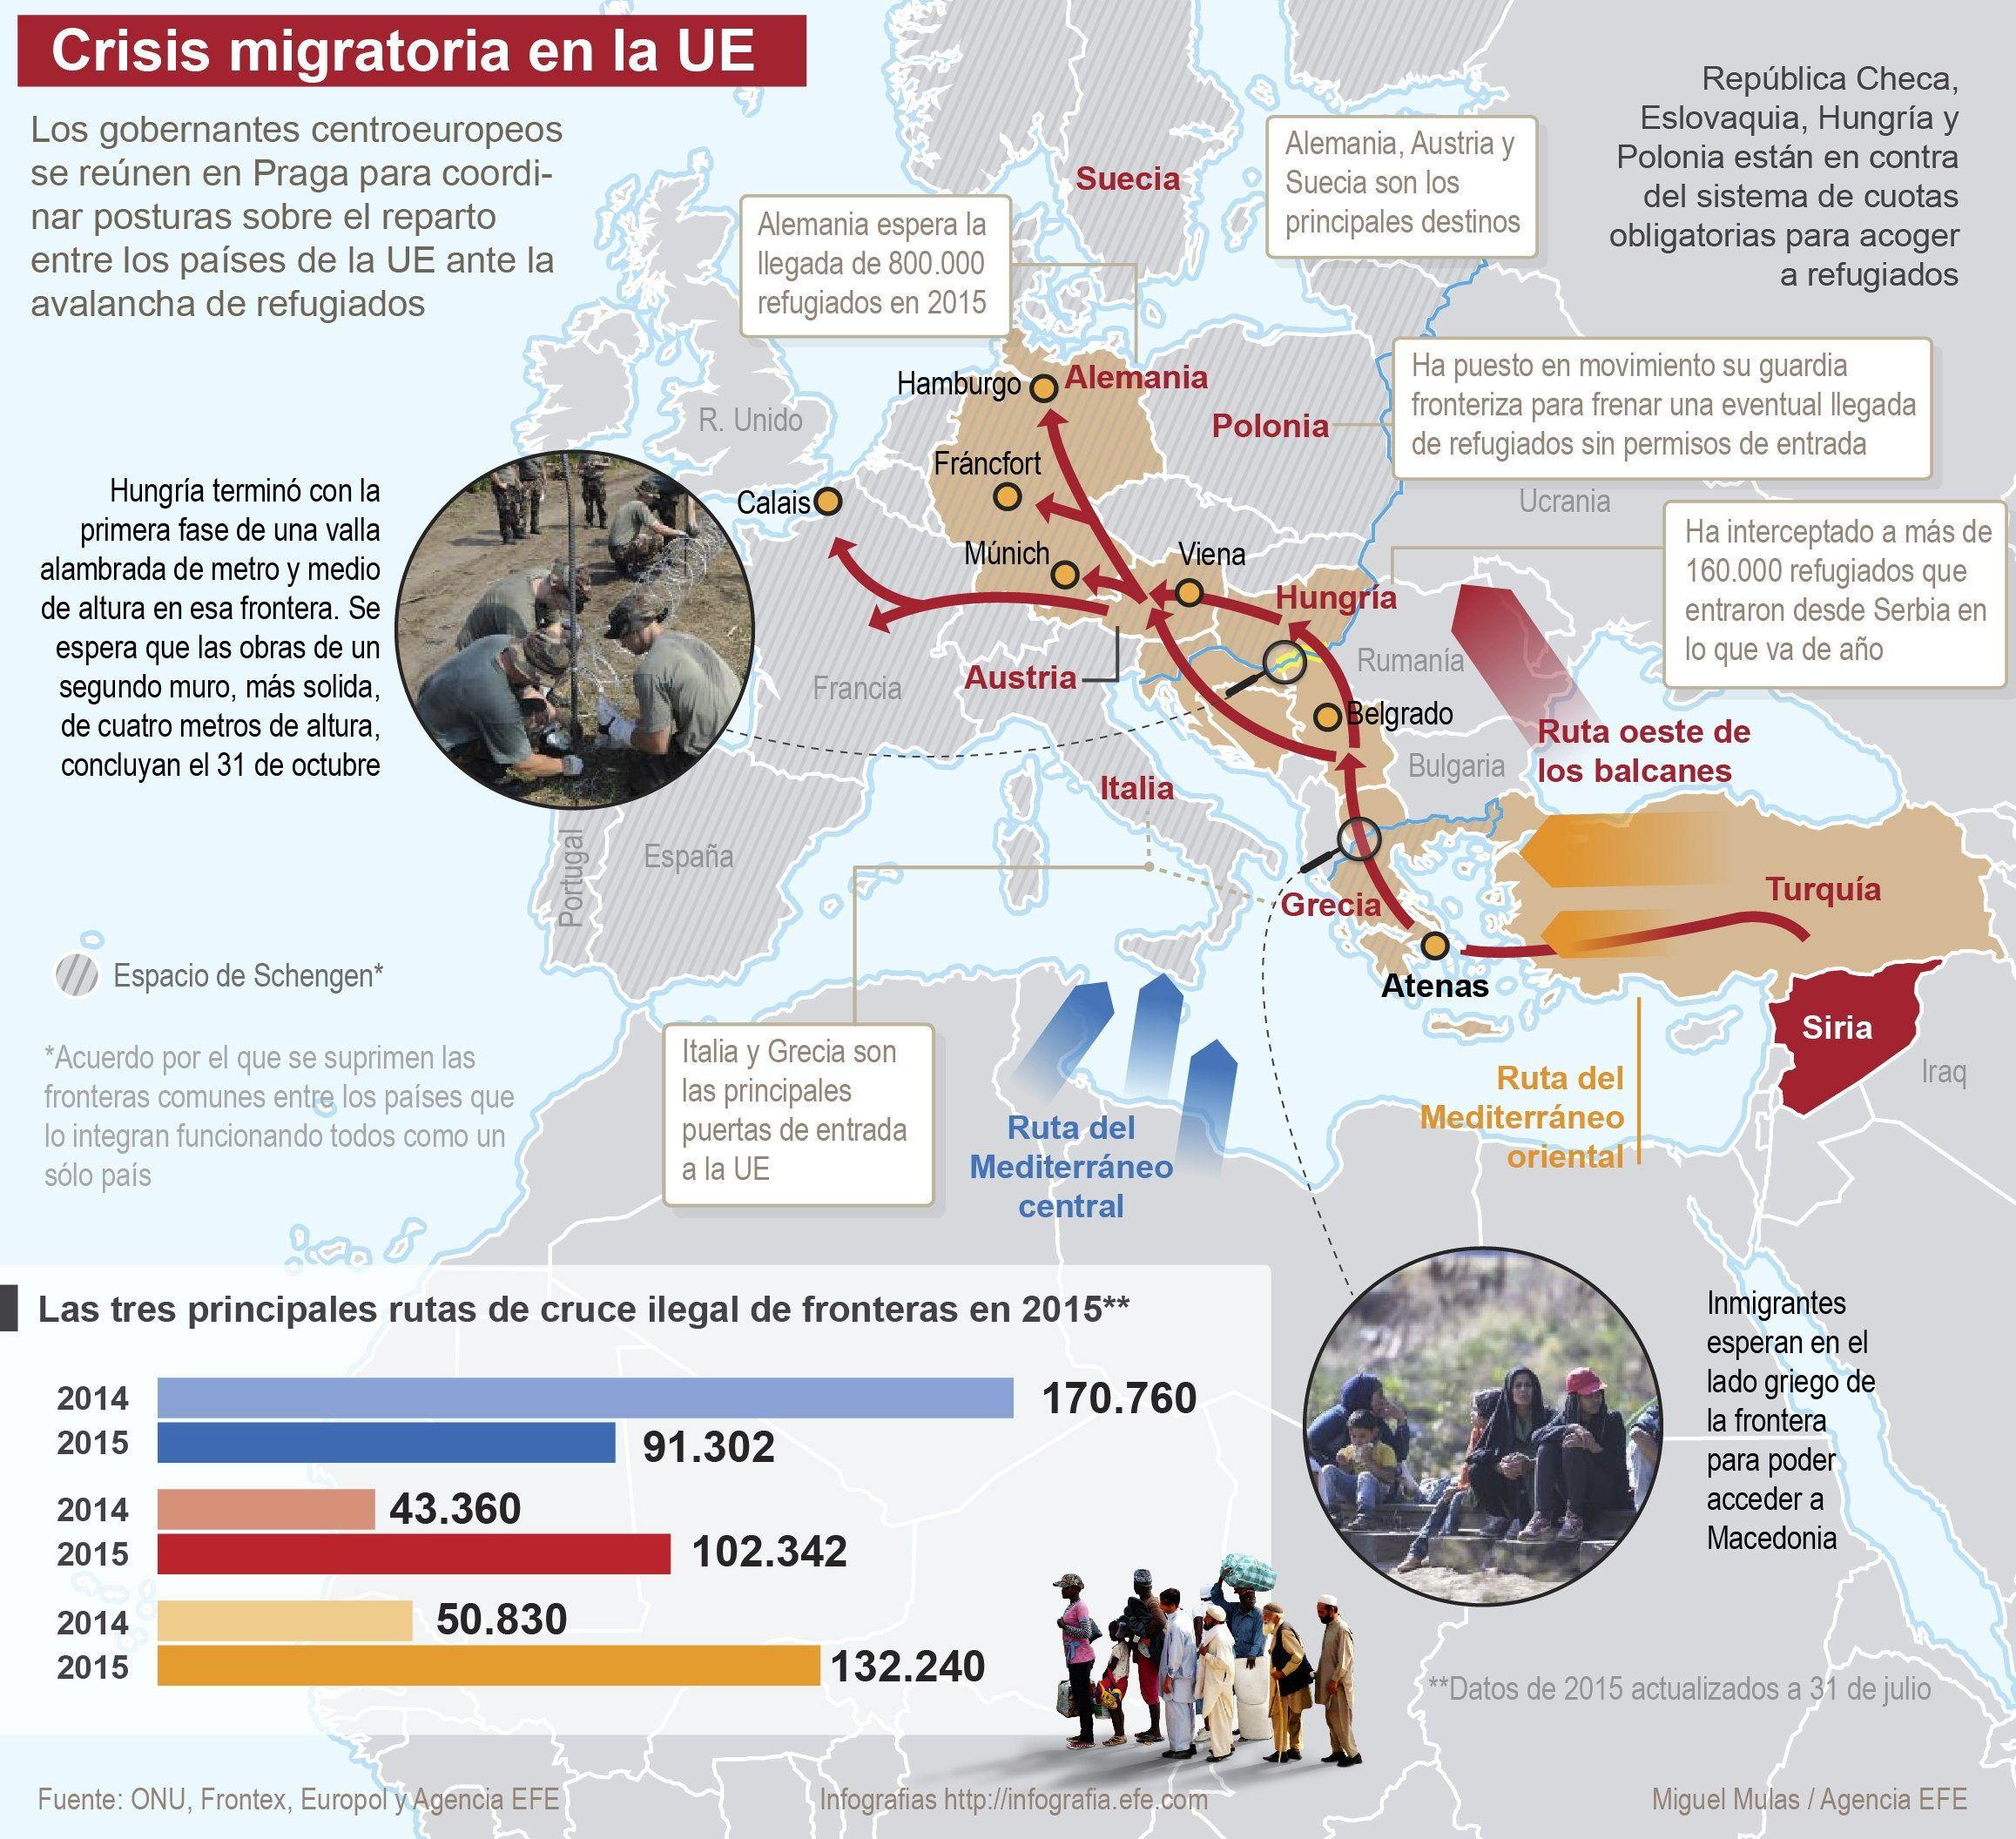 Los líderes del Este de Europa siguen rechazando la cuota obligatoria de refugiados